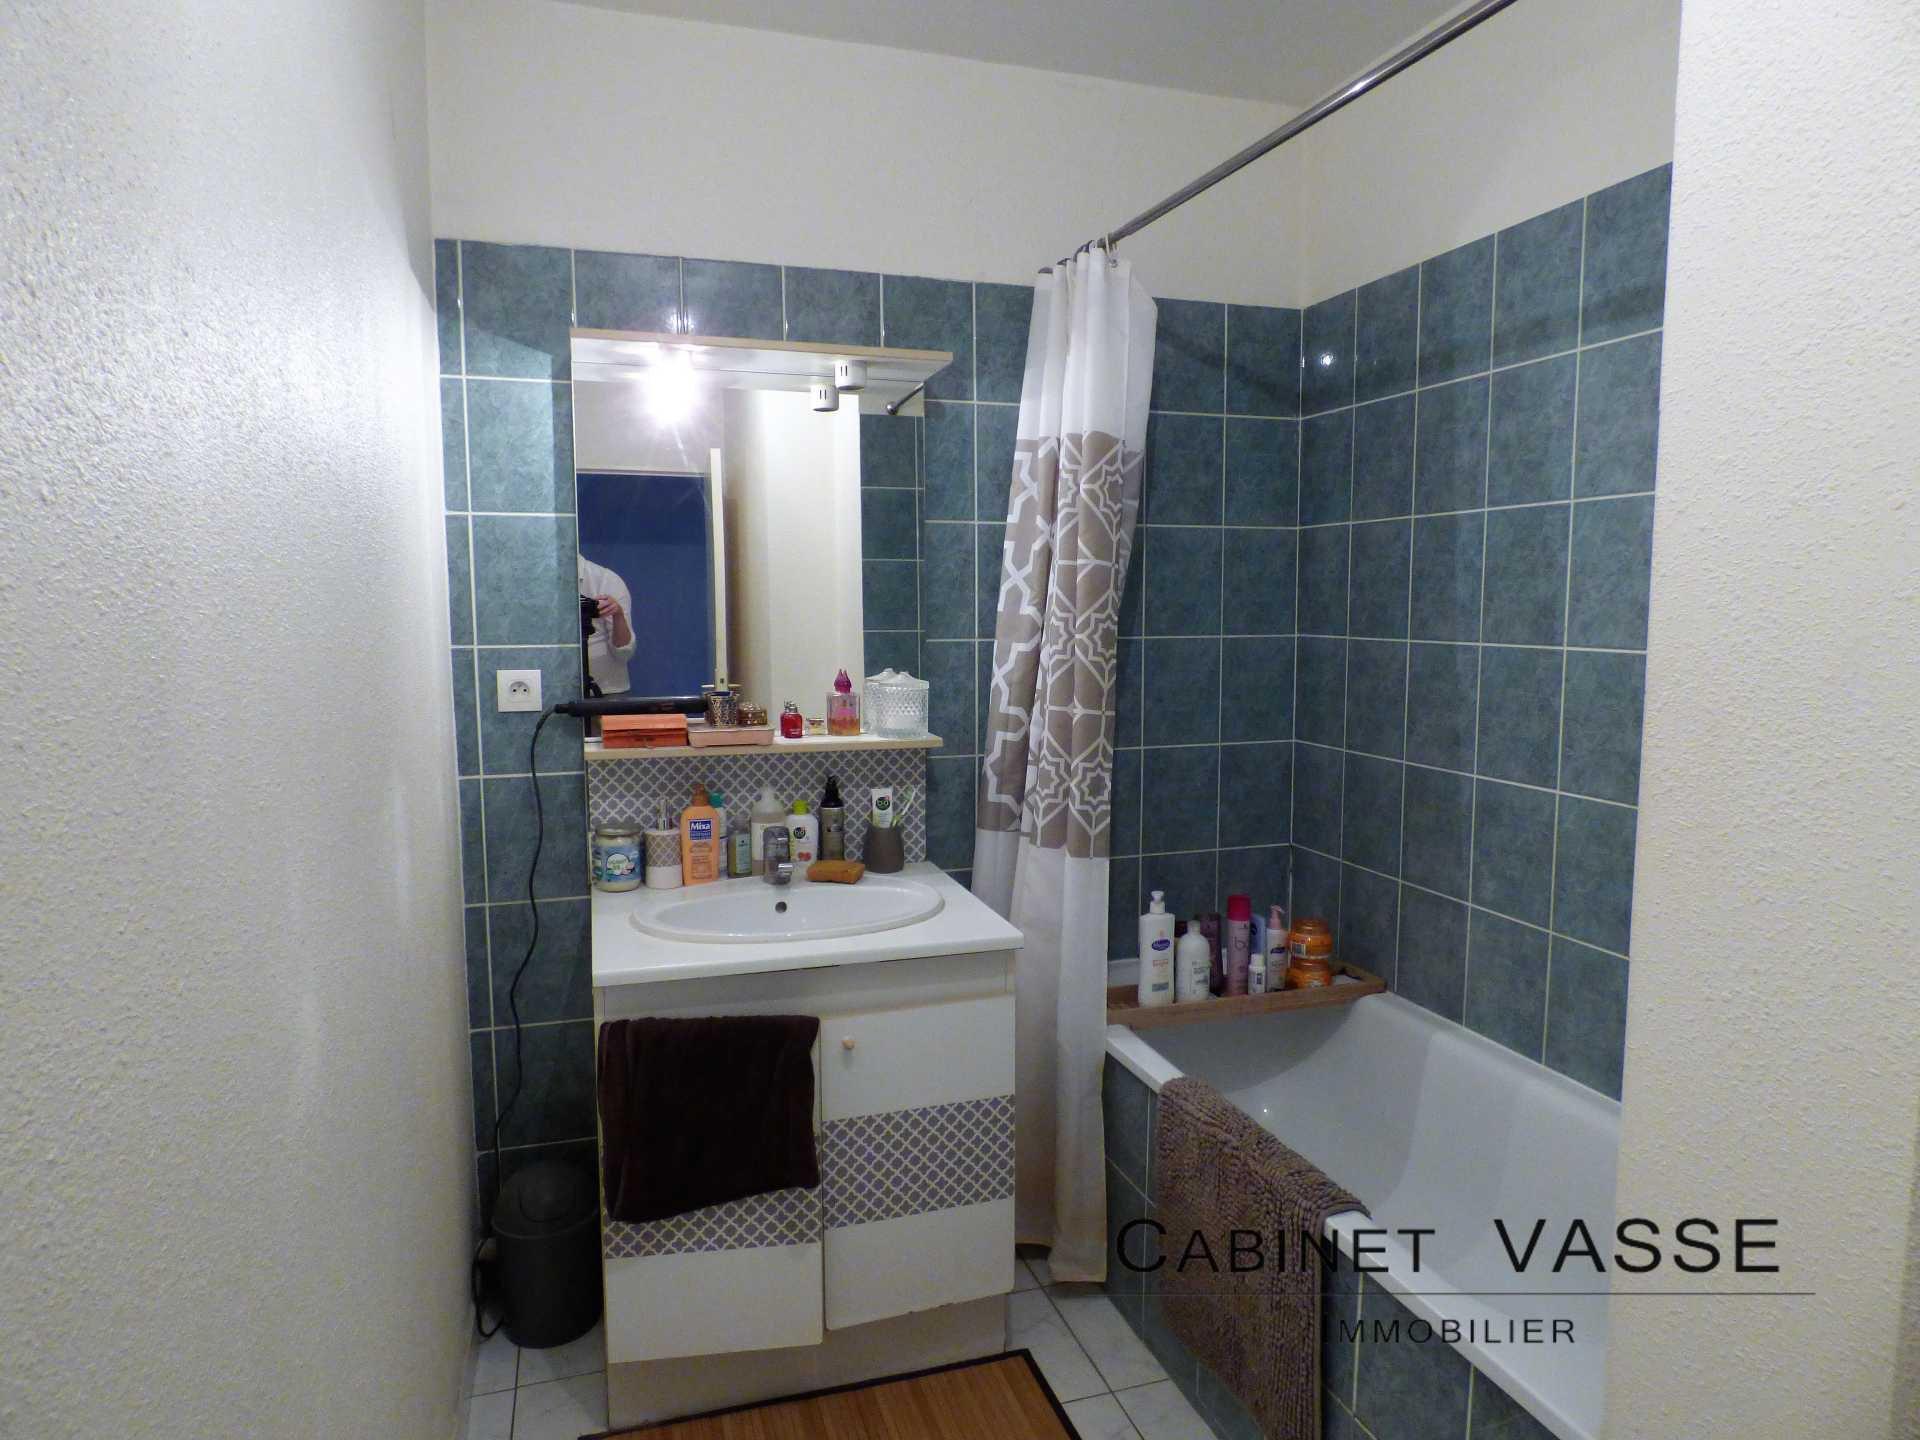 salle de bains, baignoire, faïence, machine à laver, vasse, a louer